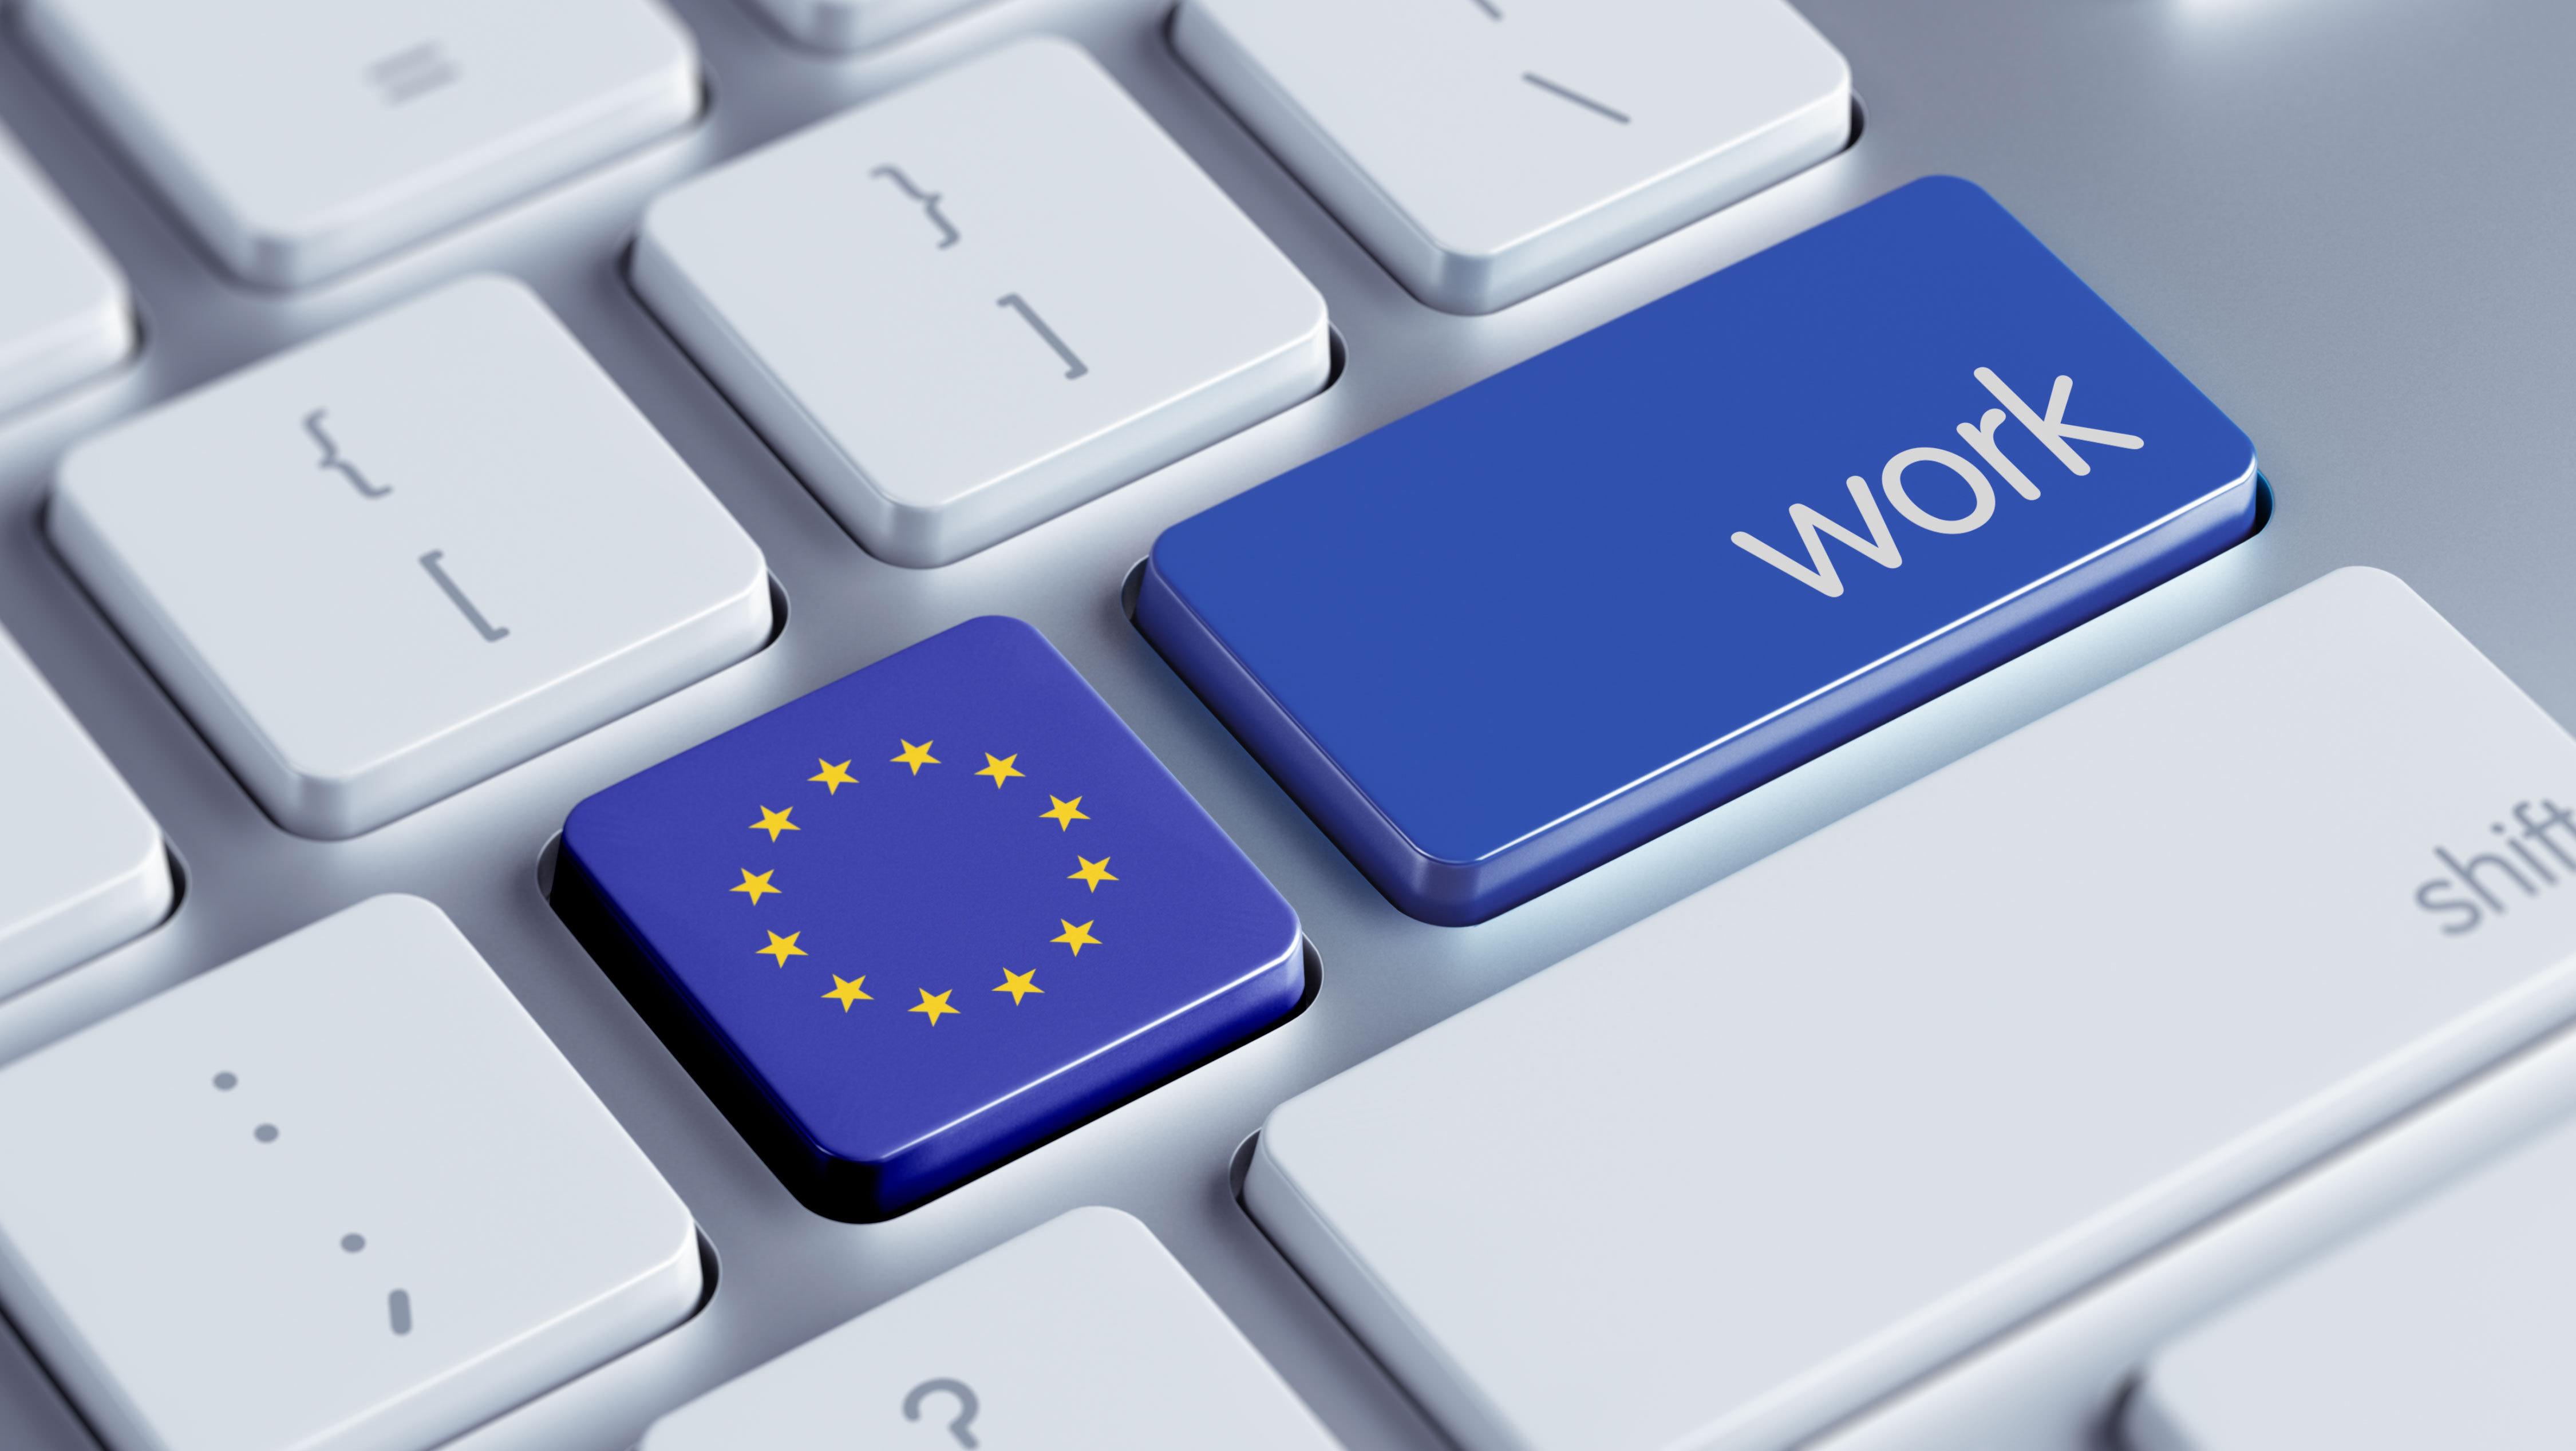 Значок ЕС на клавиатуре свидетельствует о поиске работы в ЕС через интернет